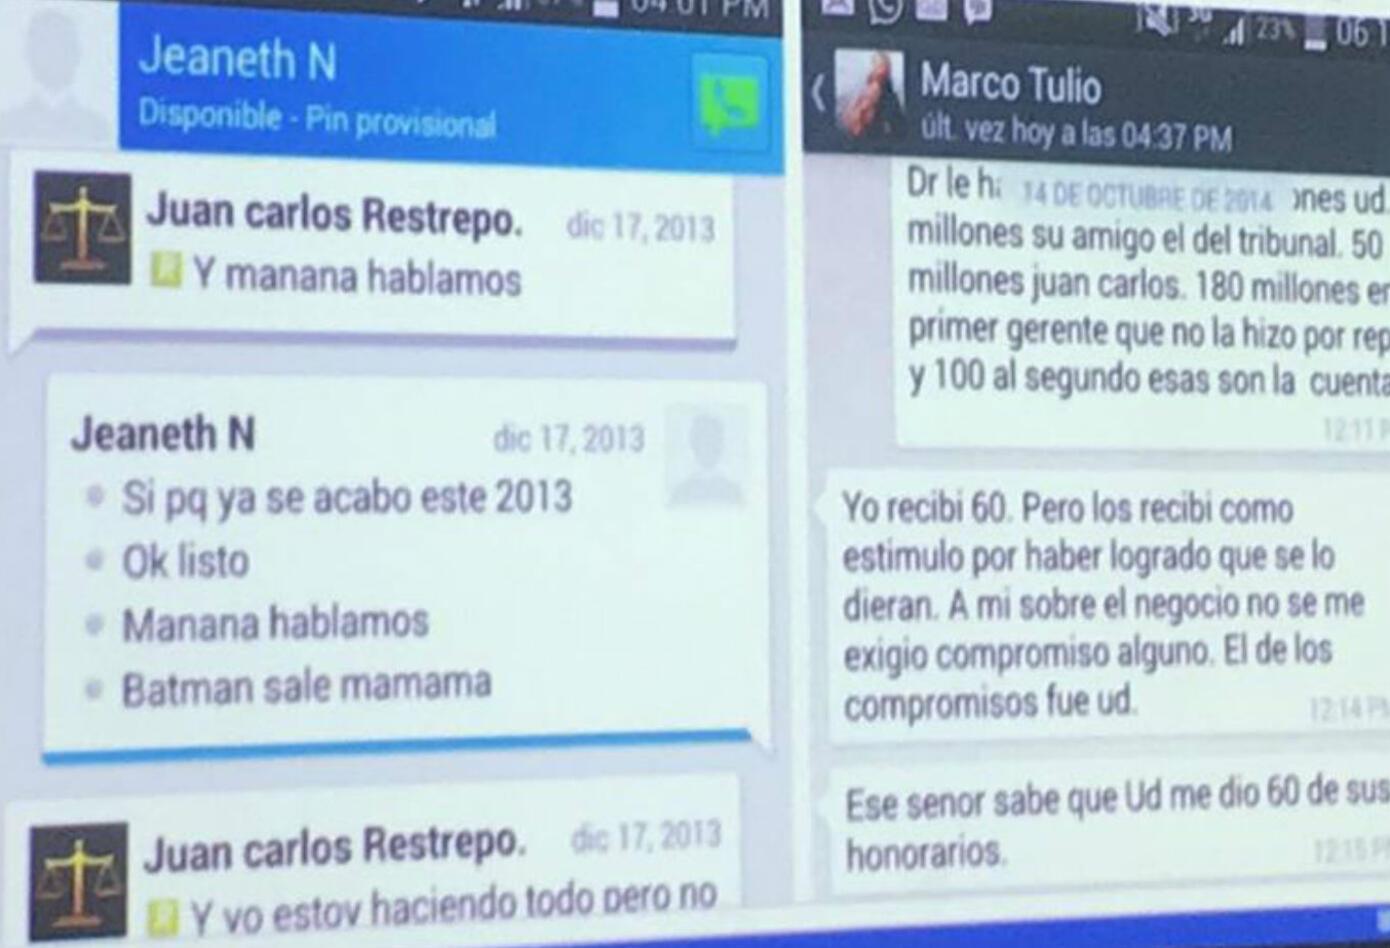 Chats de celular del magistrado Eduardo Castellanos Rosso